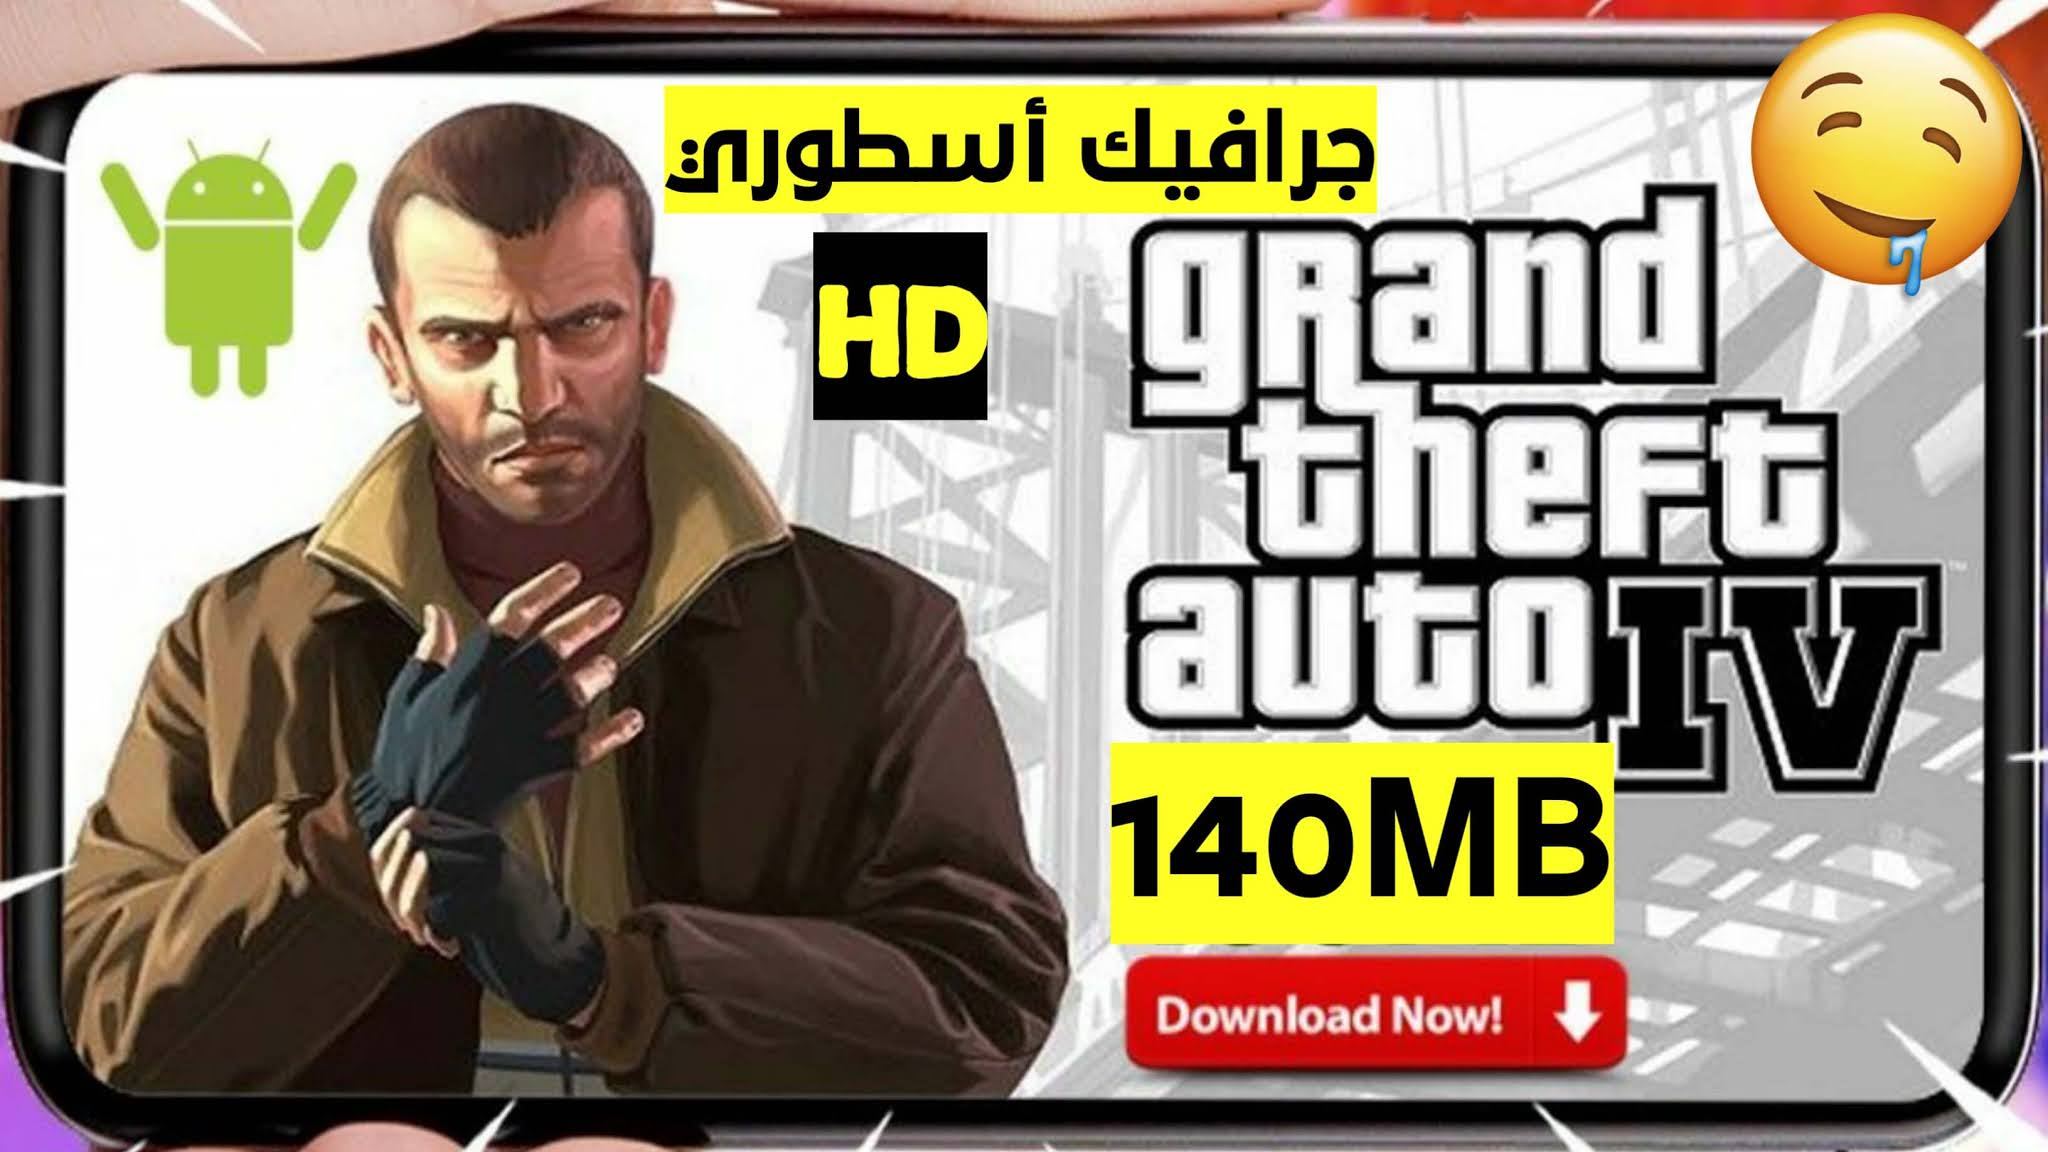 تحميل أفضل نسخة GTA 5 من شركة Rockstar Games